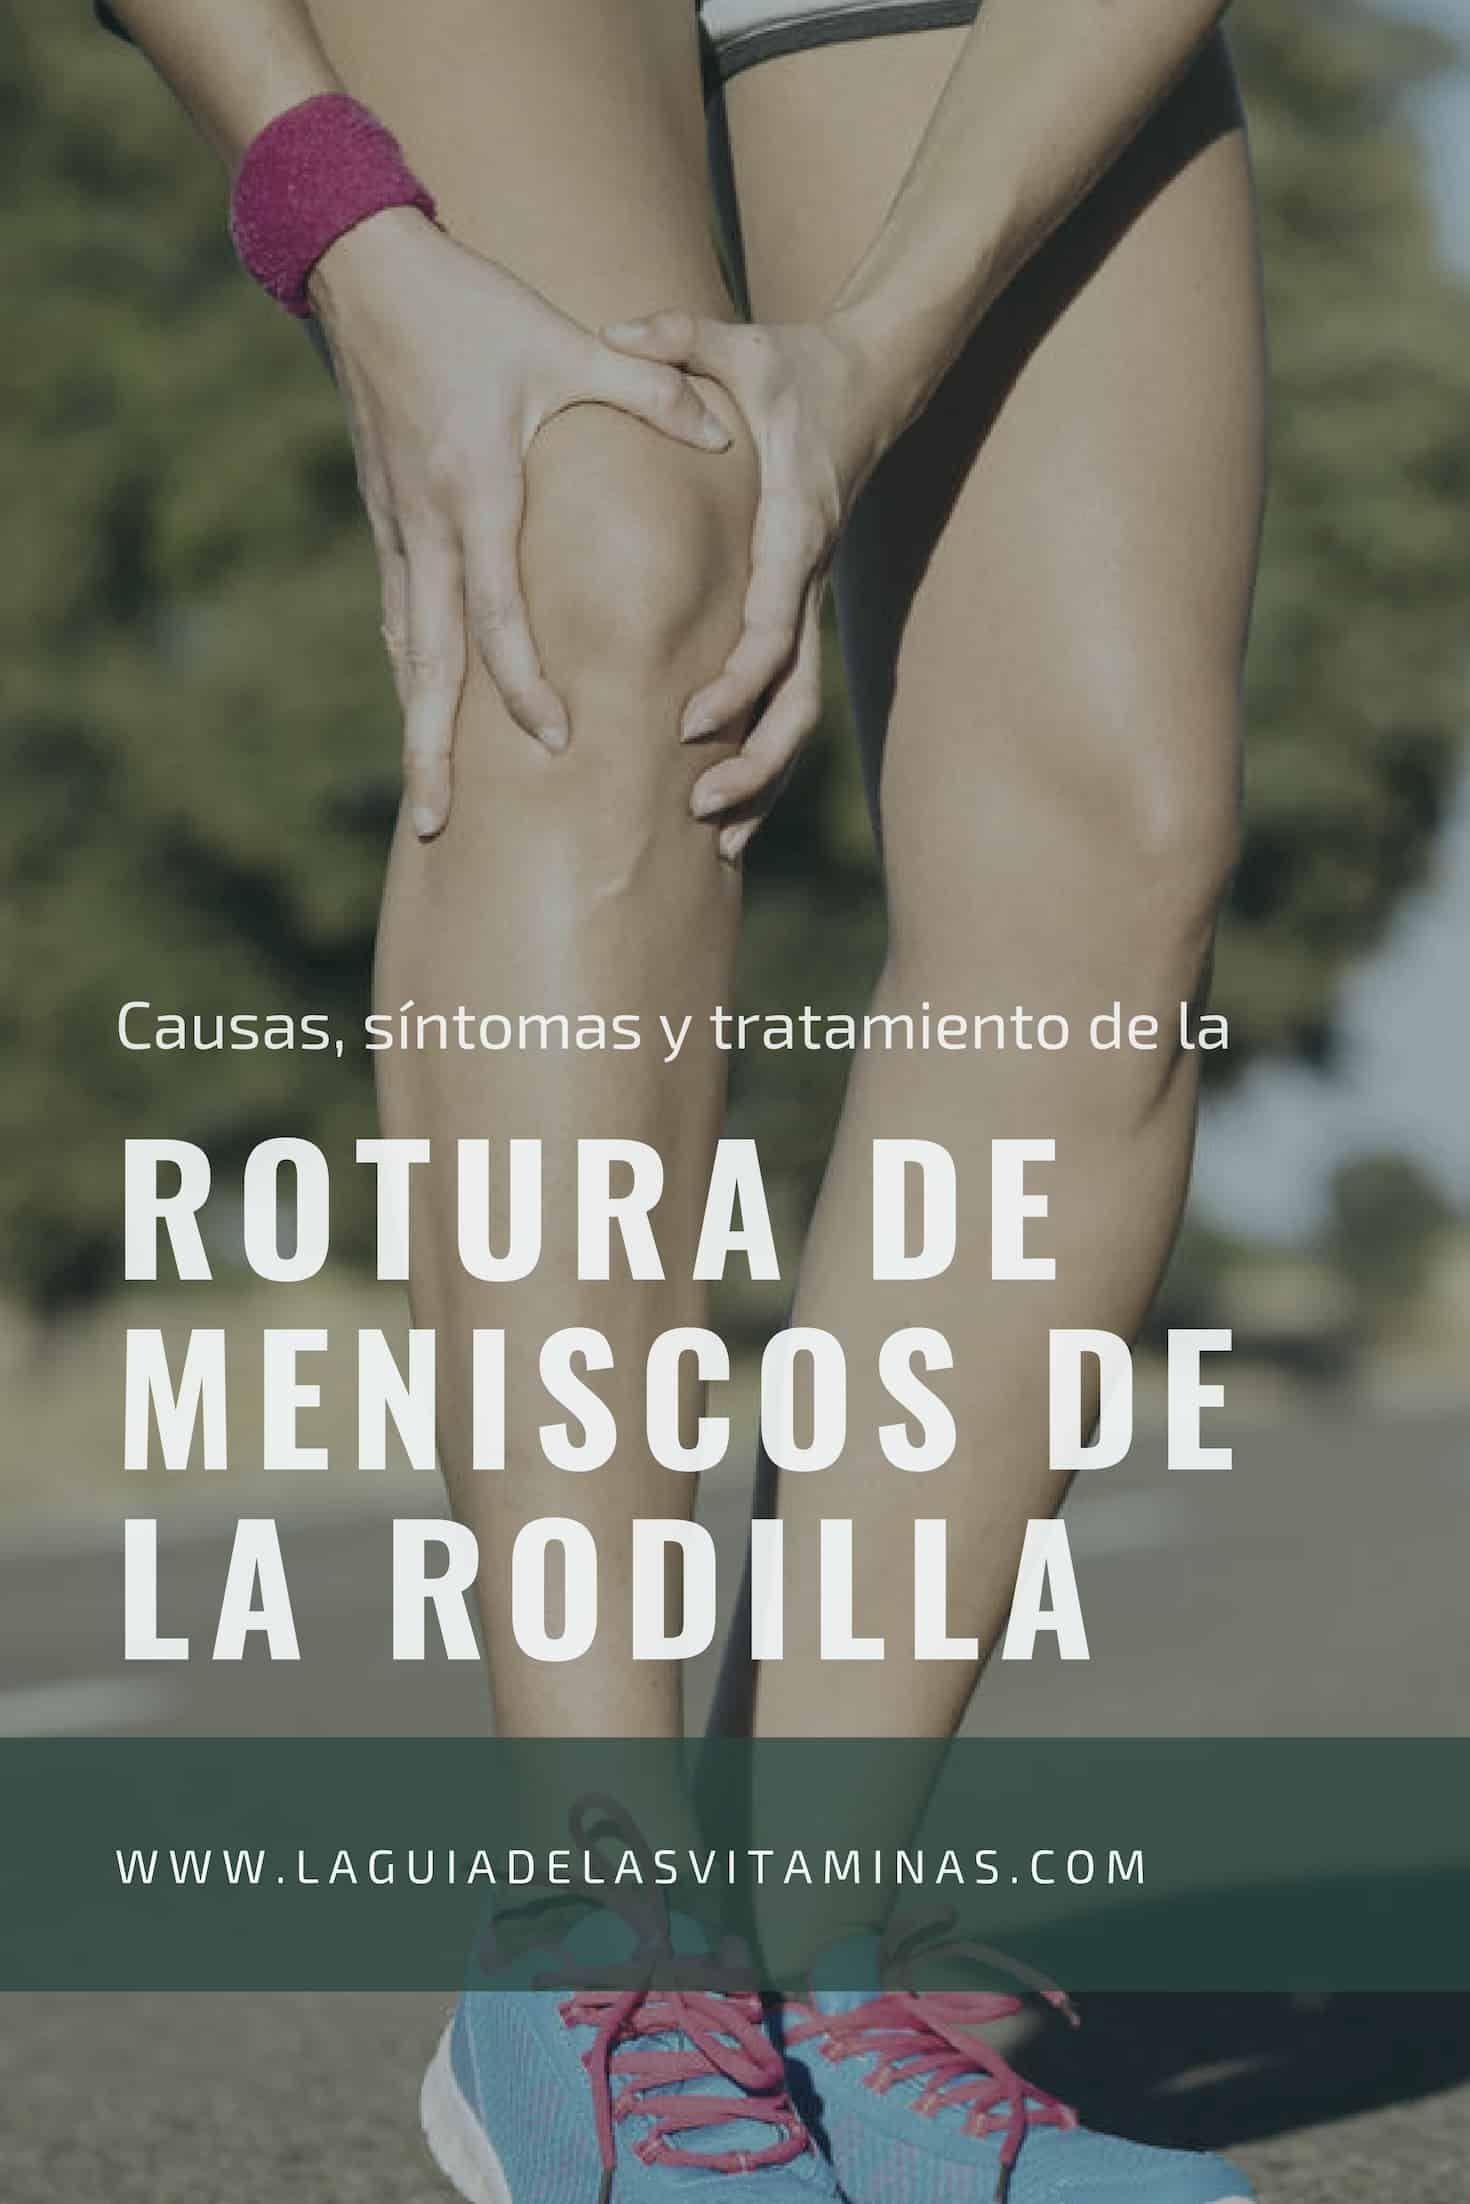 Rotura De Meniscos De La Rodilla Causas Síntomas Y Tratamiento La Guía De Las Vitaminas Pilates Health Senior Pictures